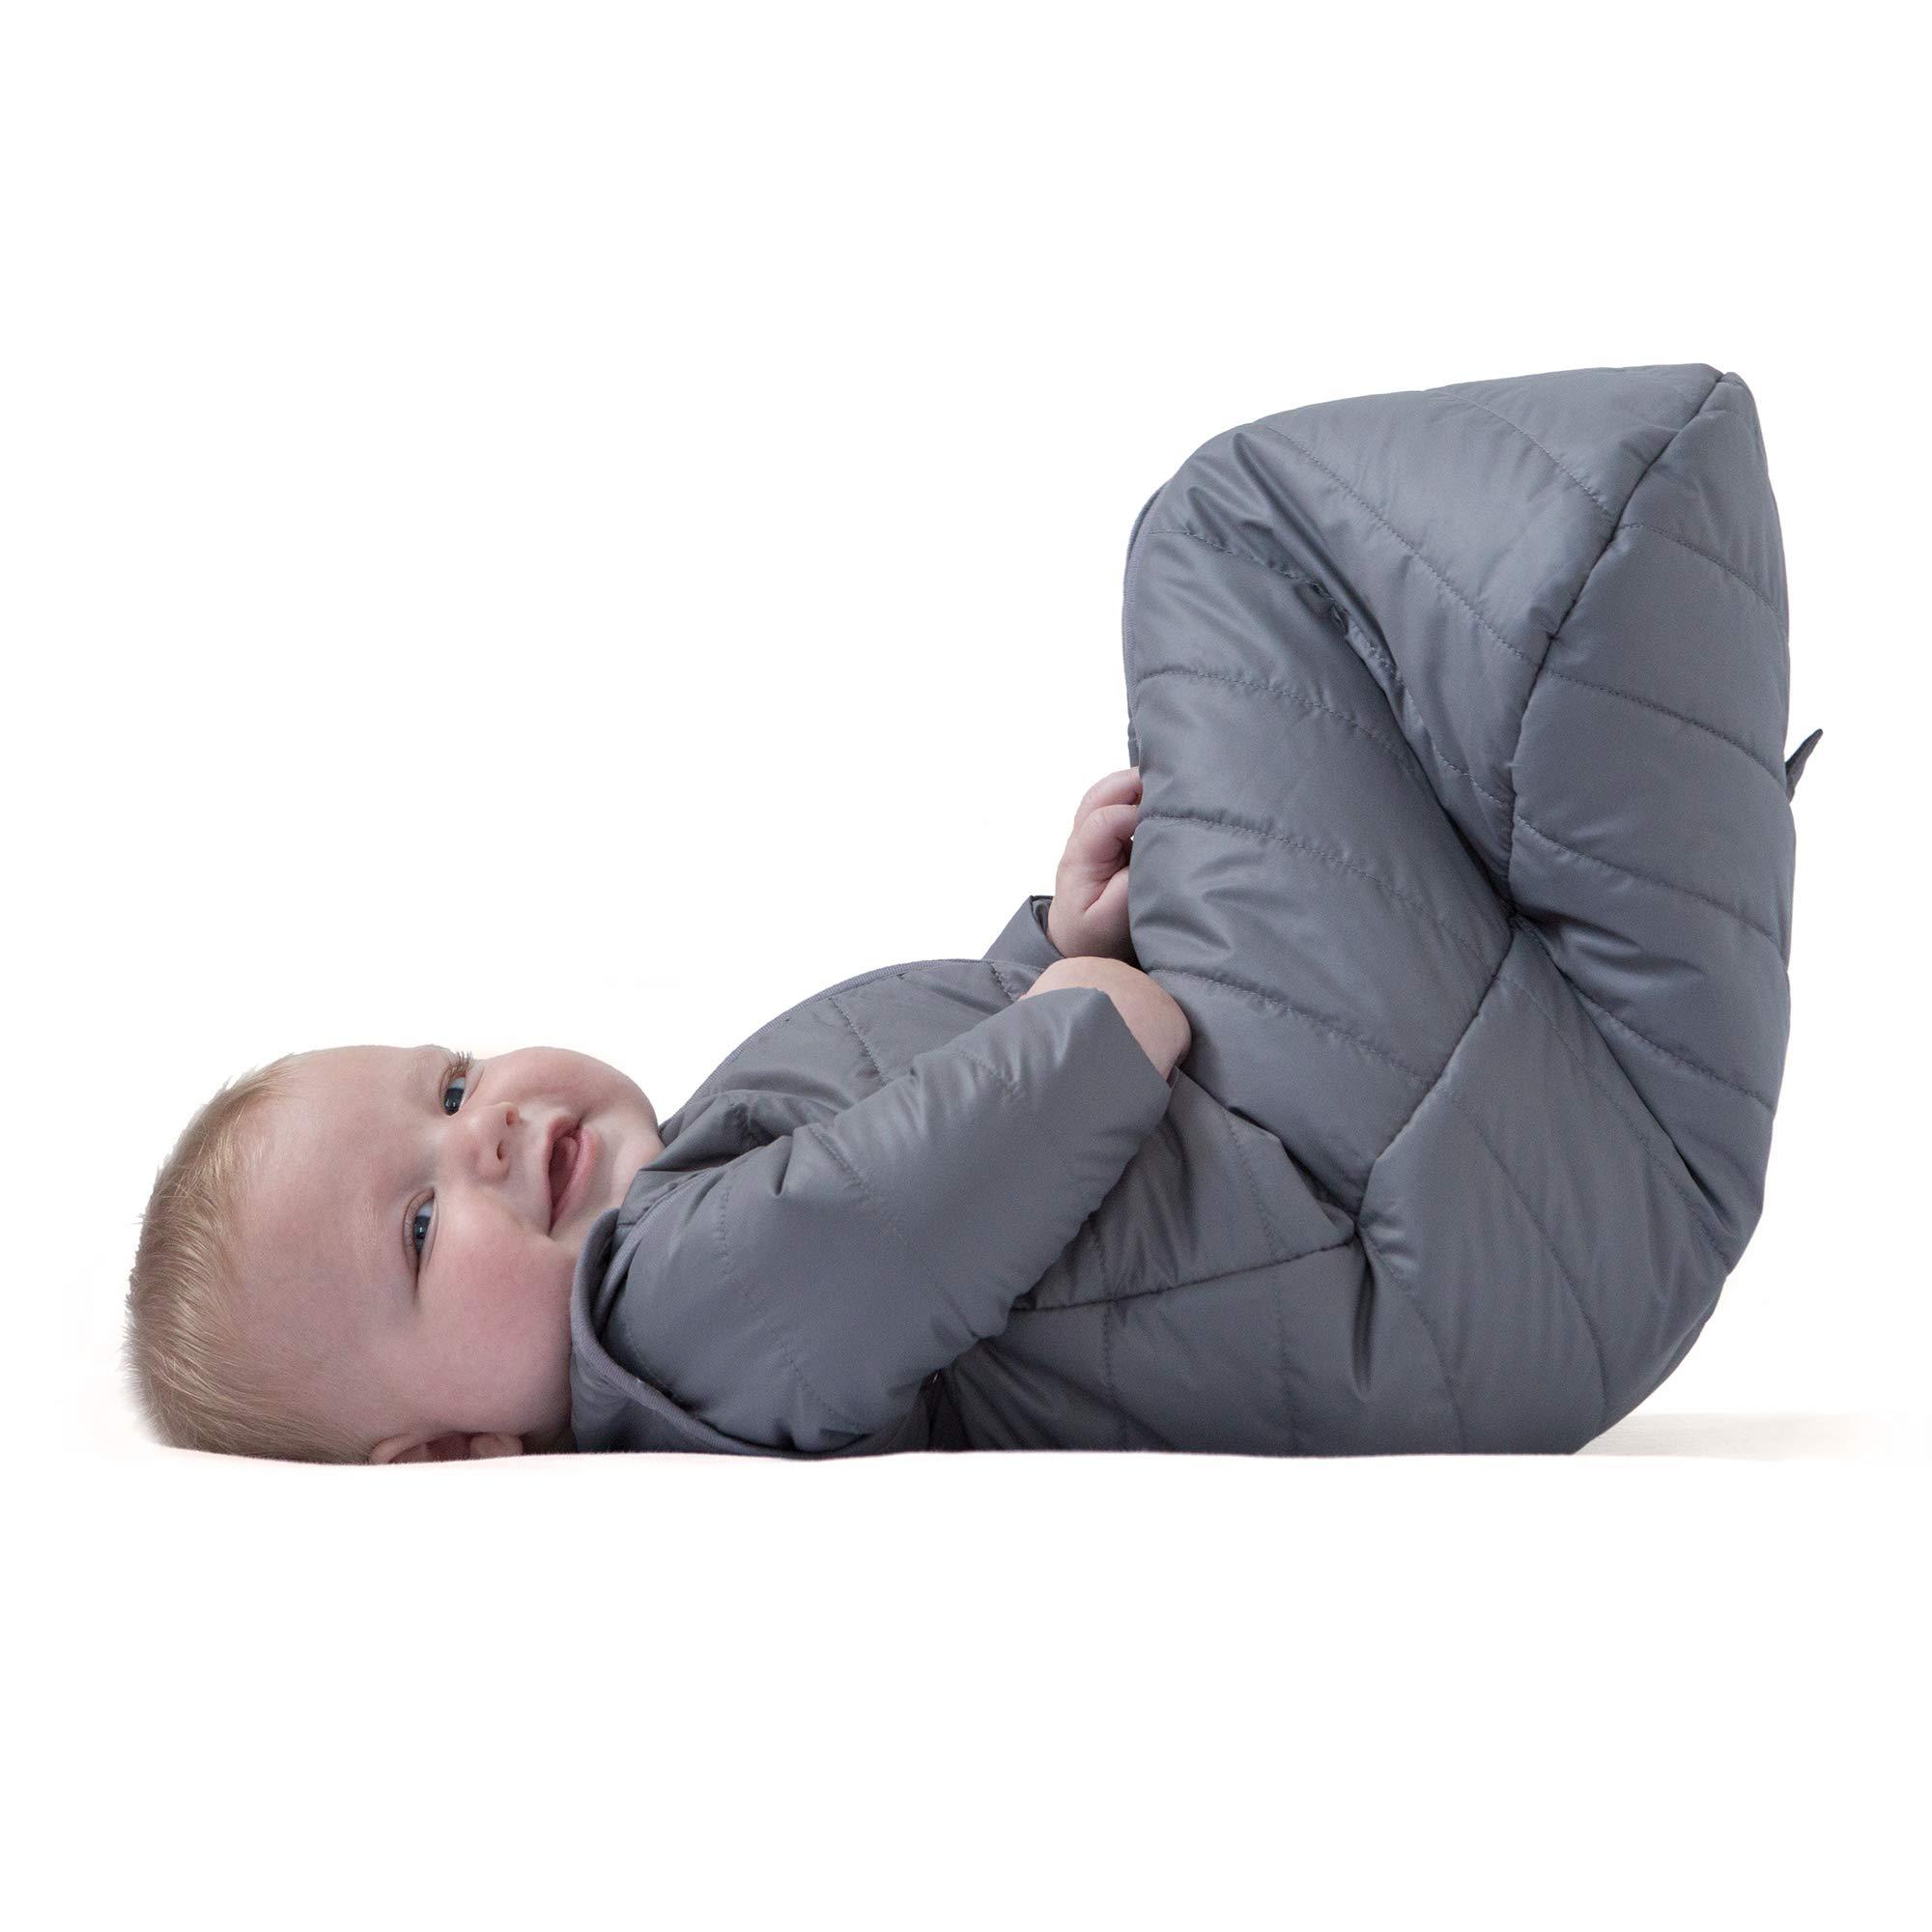 baby deedee Sleep Nest Travel Quilted Baby Sleeping Bag Sack with Sleeves, Gray Skies, Large (18-36 Months) by baby deedee